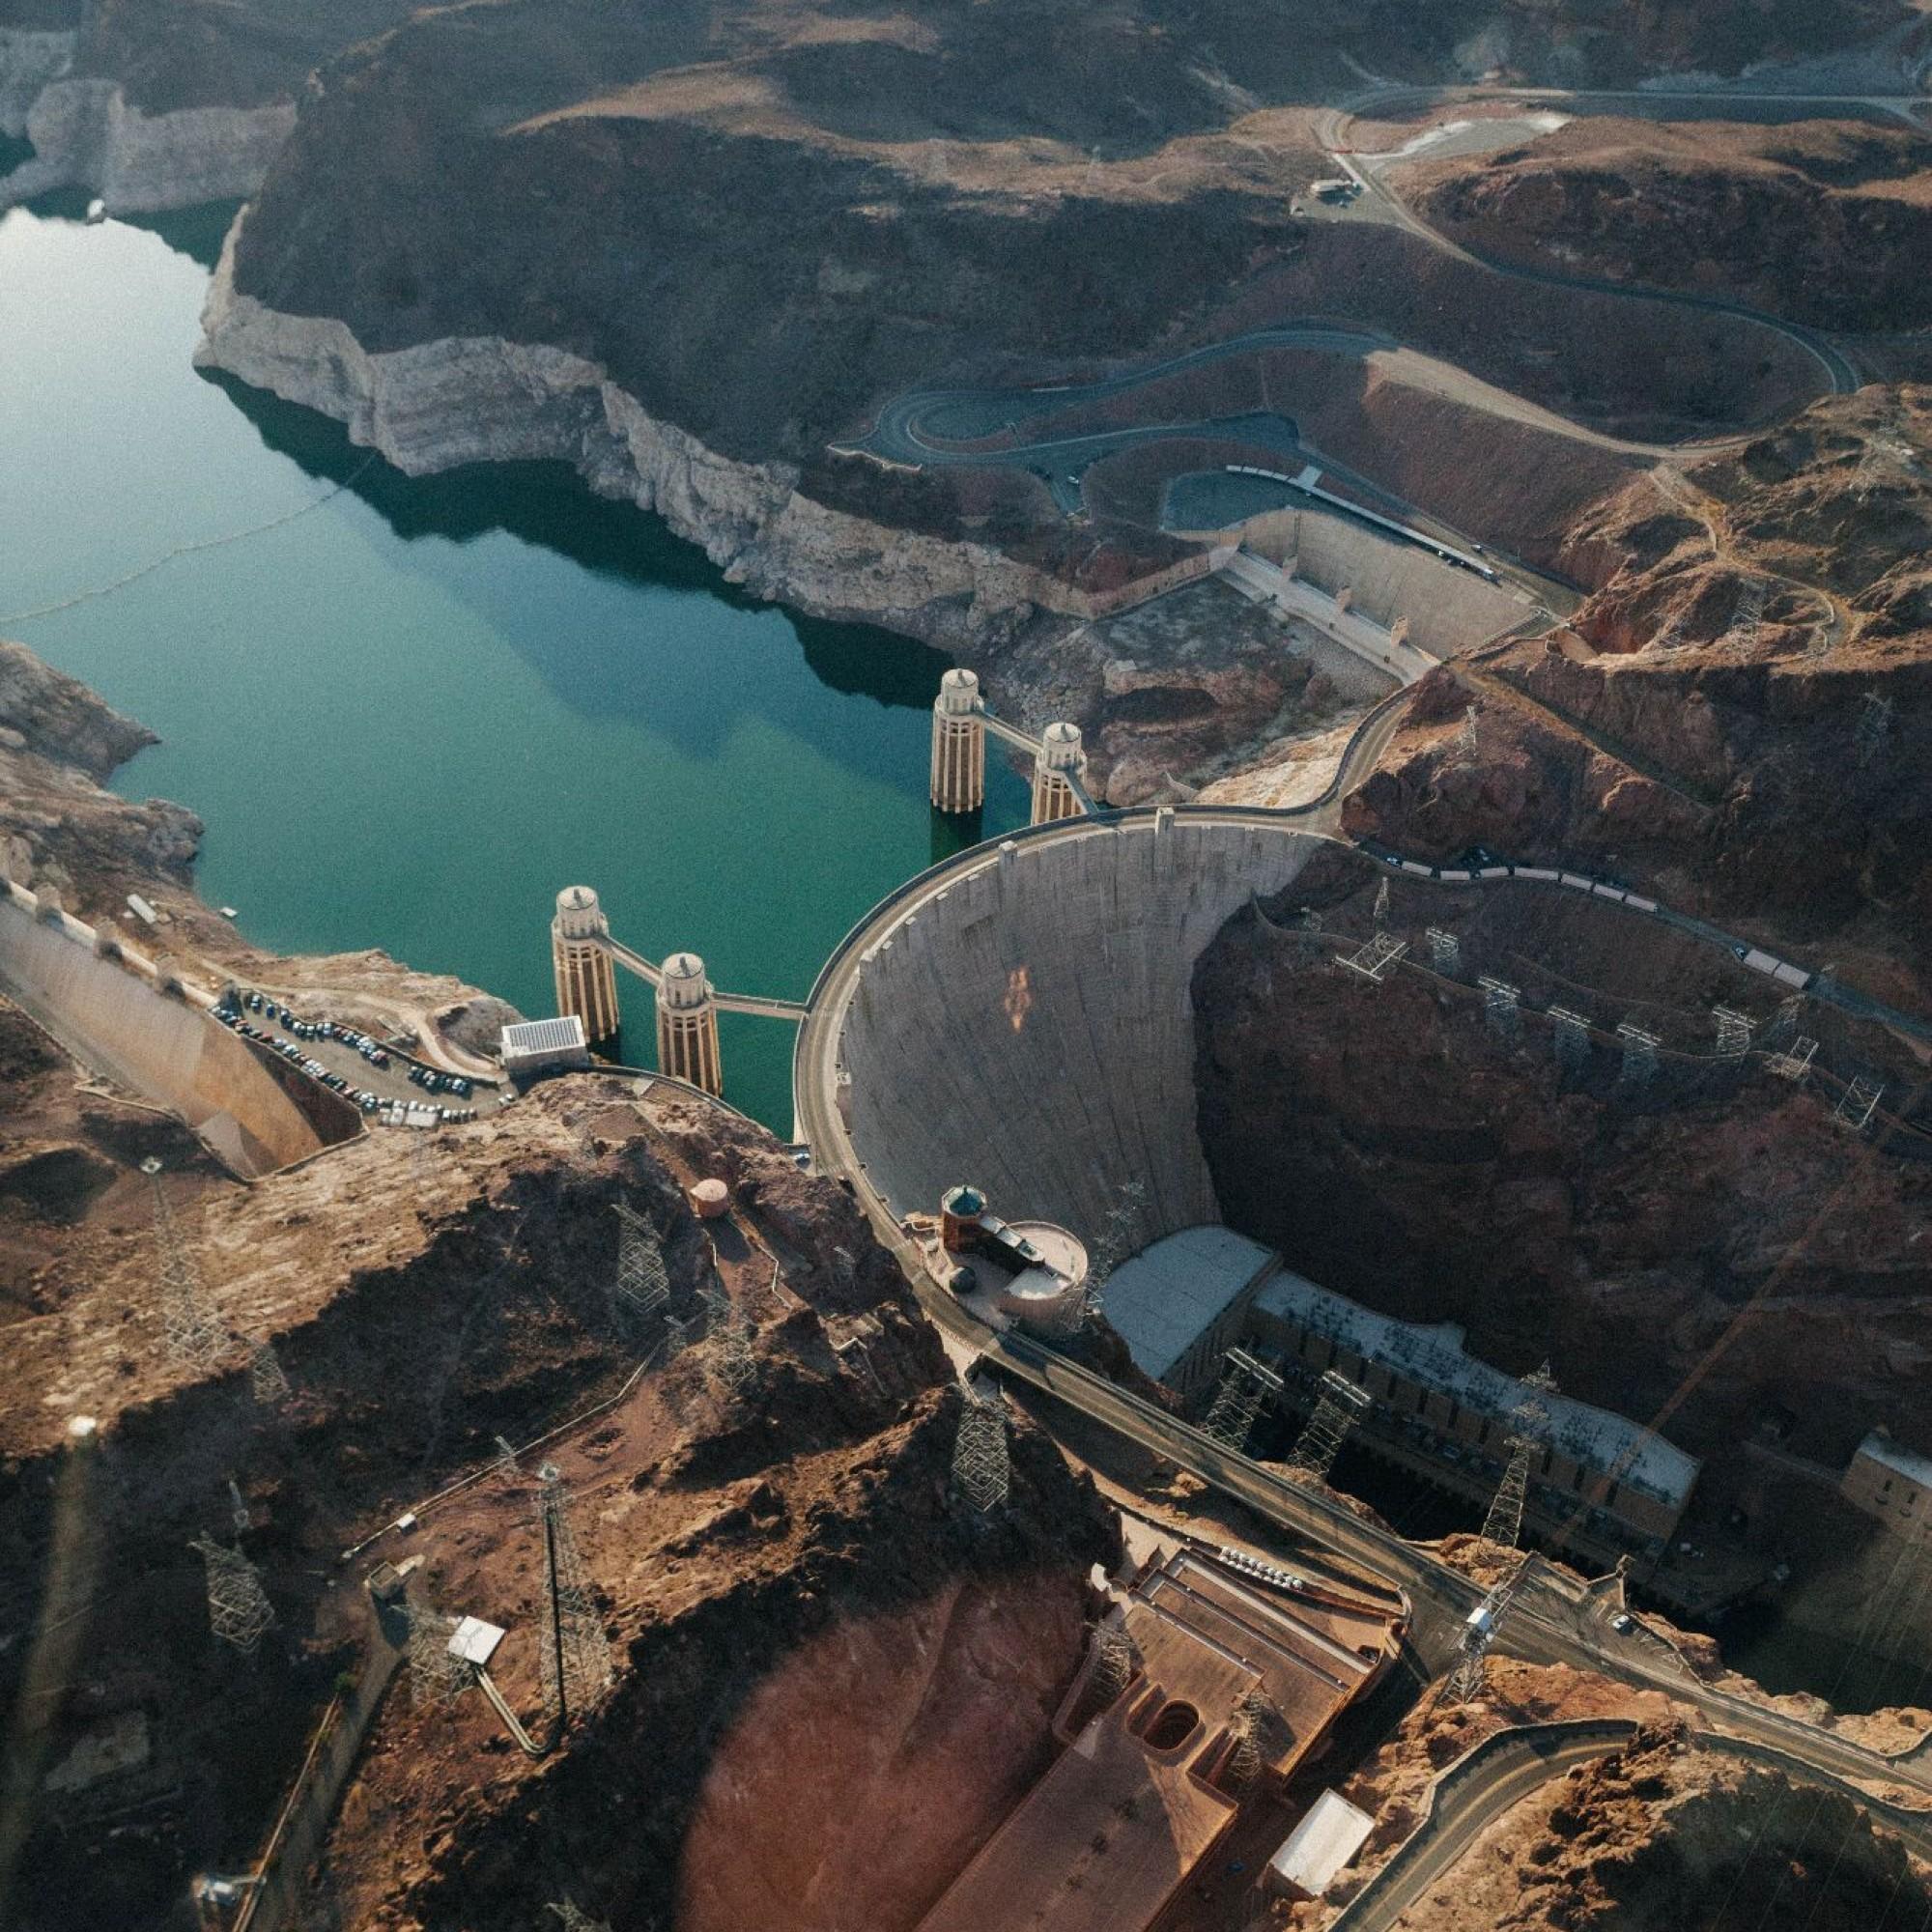 Und so sieht der heutige Damm aus. Gebaut wurde er ursprünglich, um die Wasserabgabe in Arizona, Nevada und Kalifornien zu kontrollieren und weitere Überschwemmungen des Colorado in den Südweststaaten zu verhindern. Zusätzlich wird mit der Talsperre noch